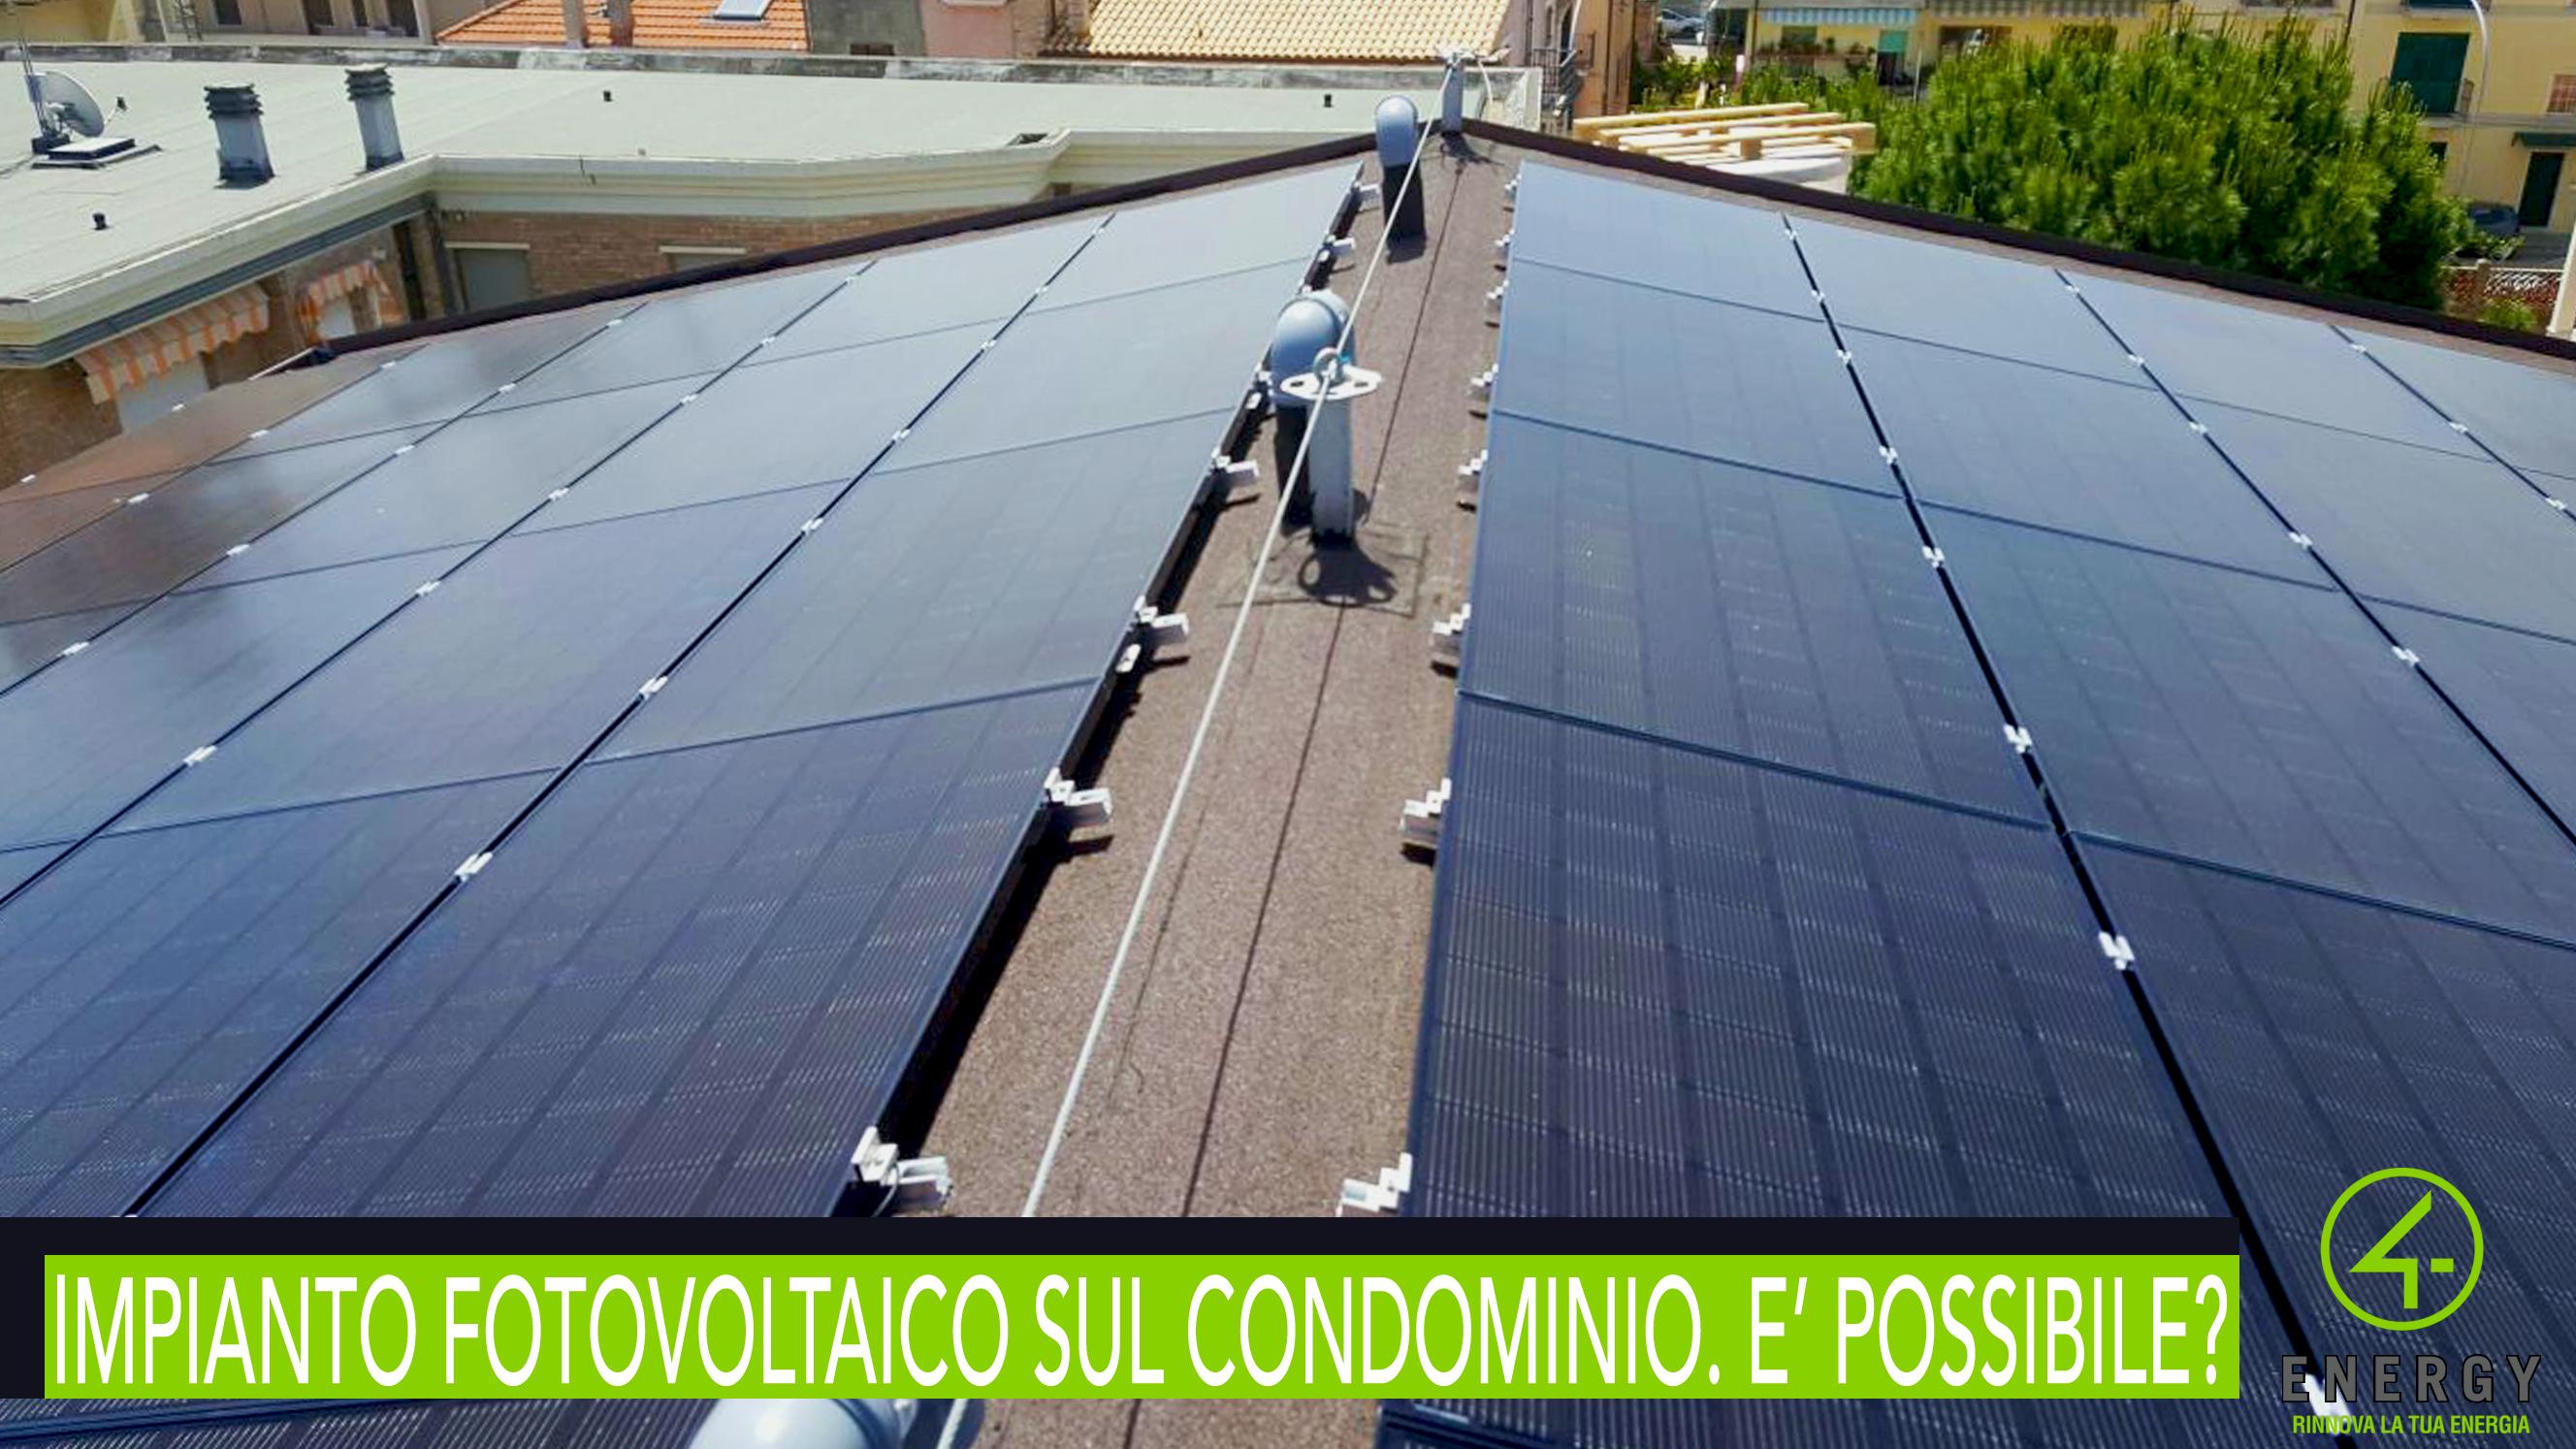 Impianto fotovoltaico sul condominio. Si può installare?